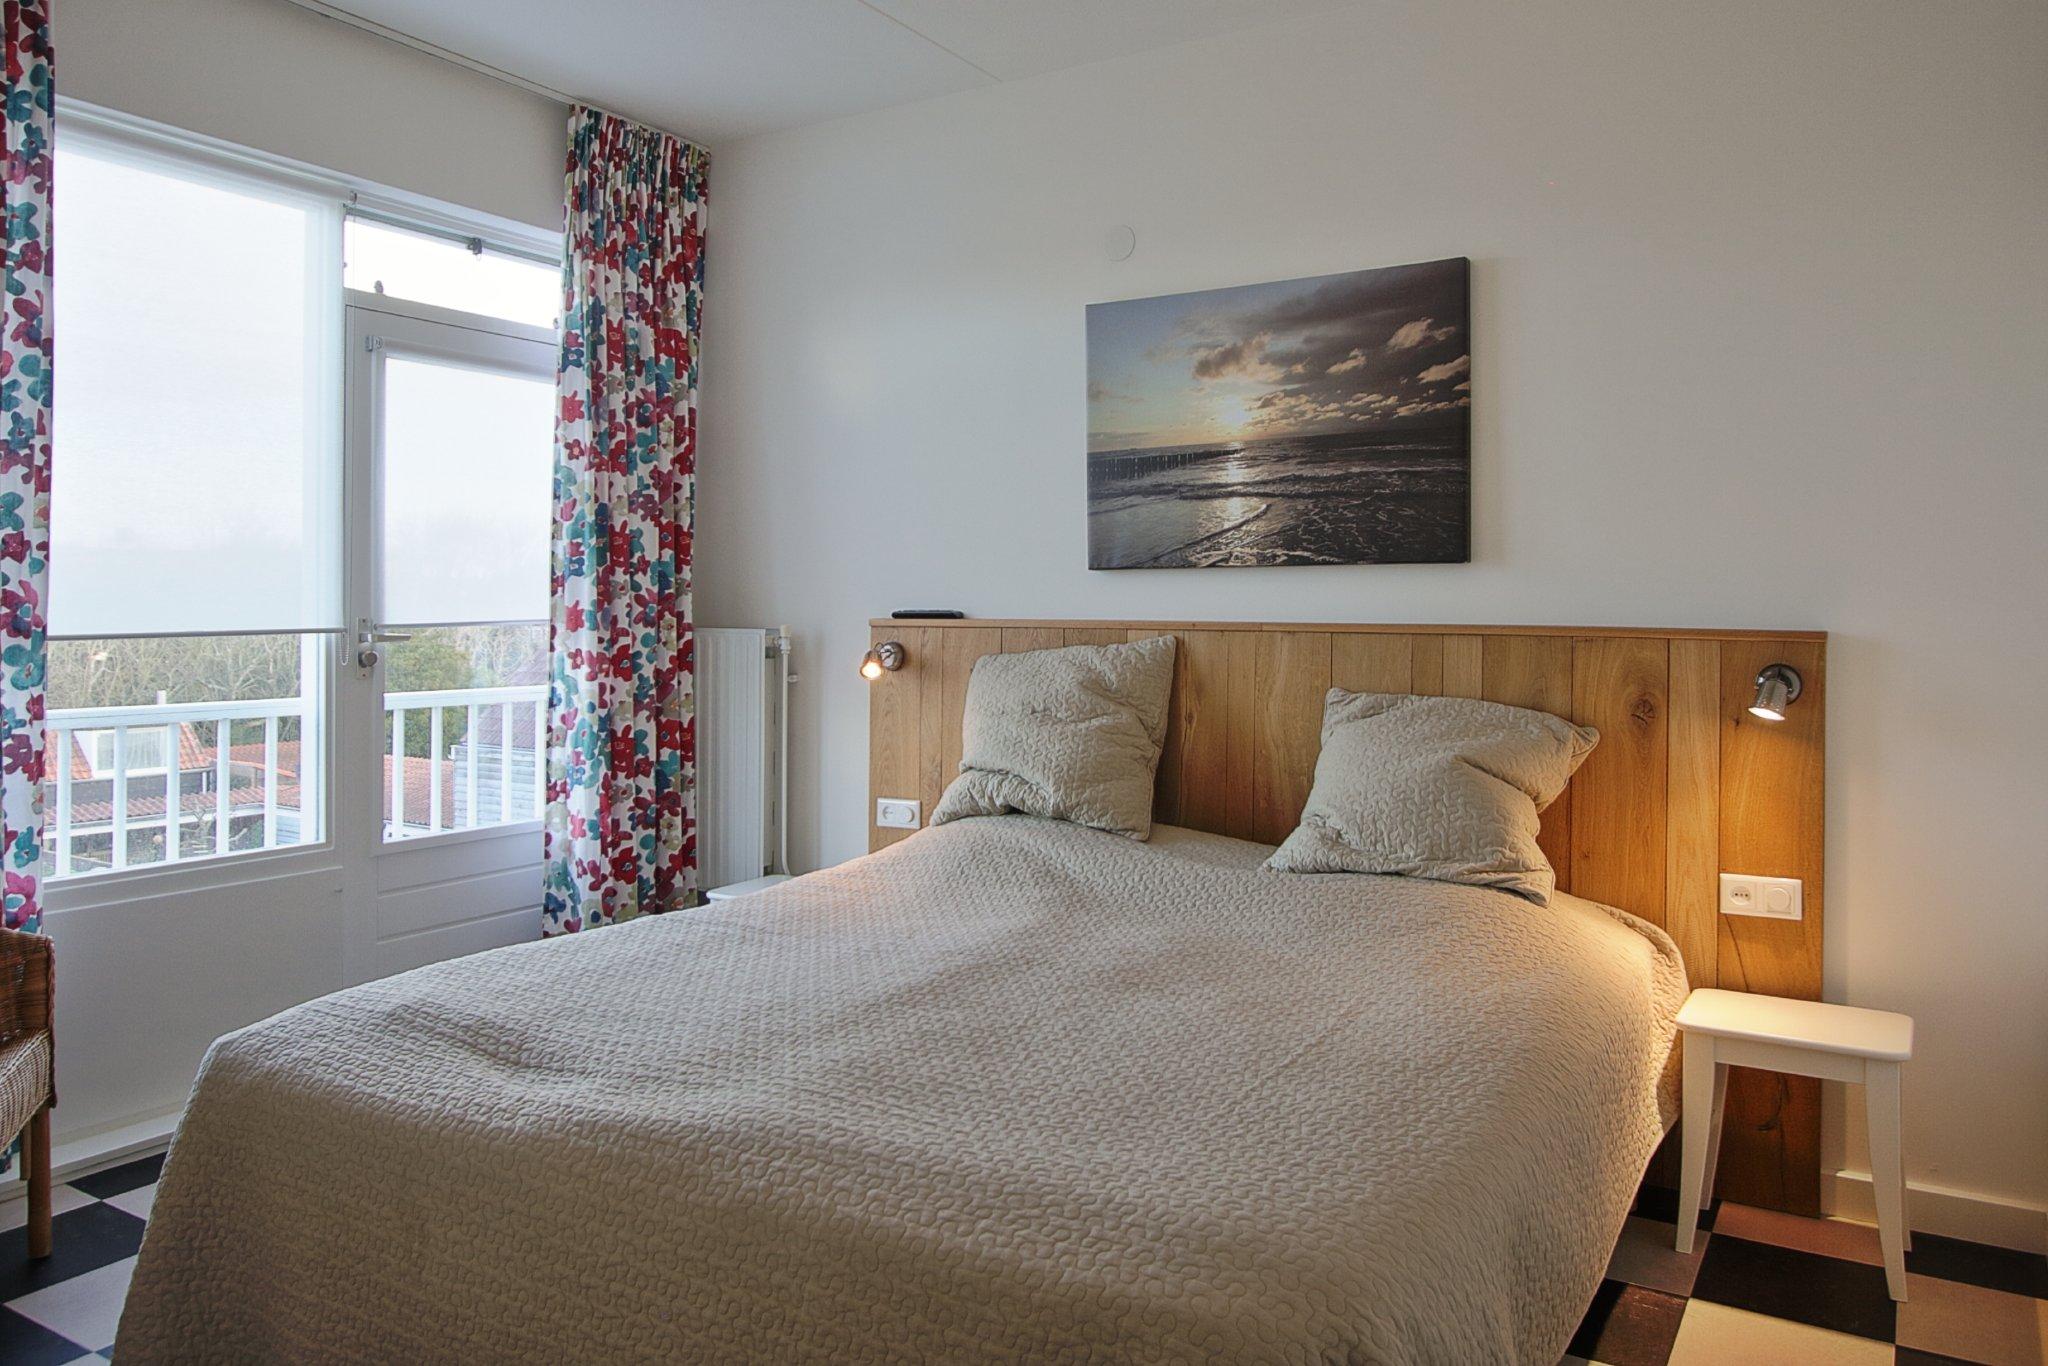 2 geräumiche Schlafzimmer